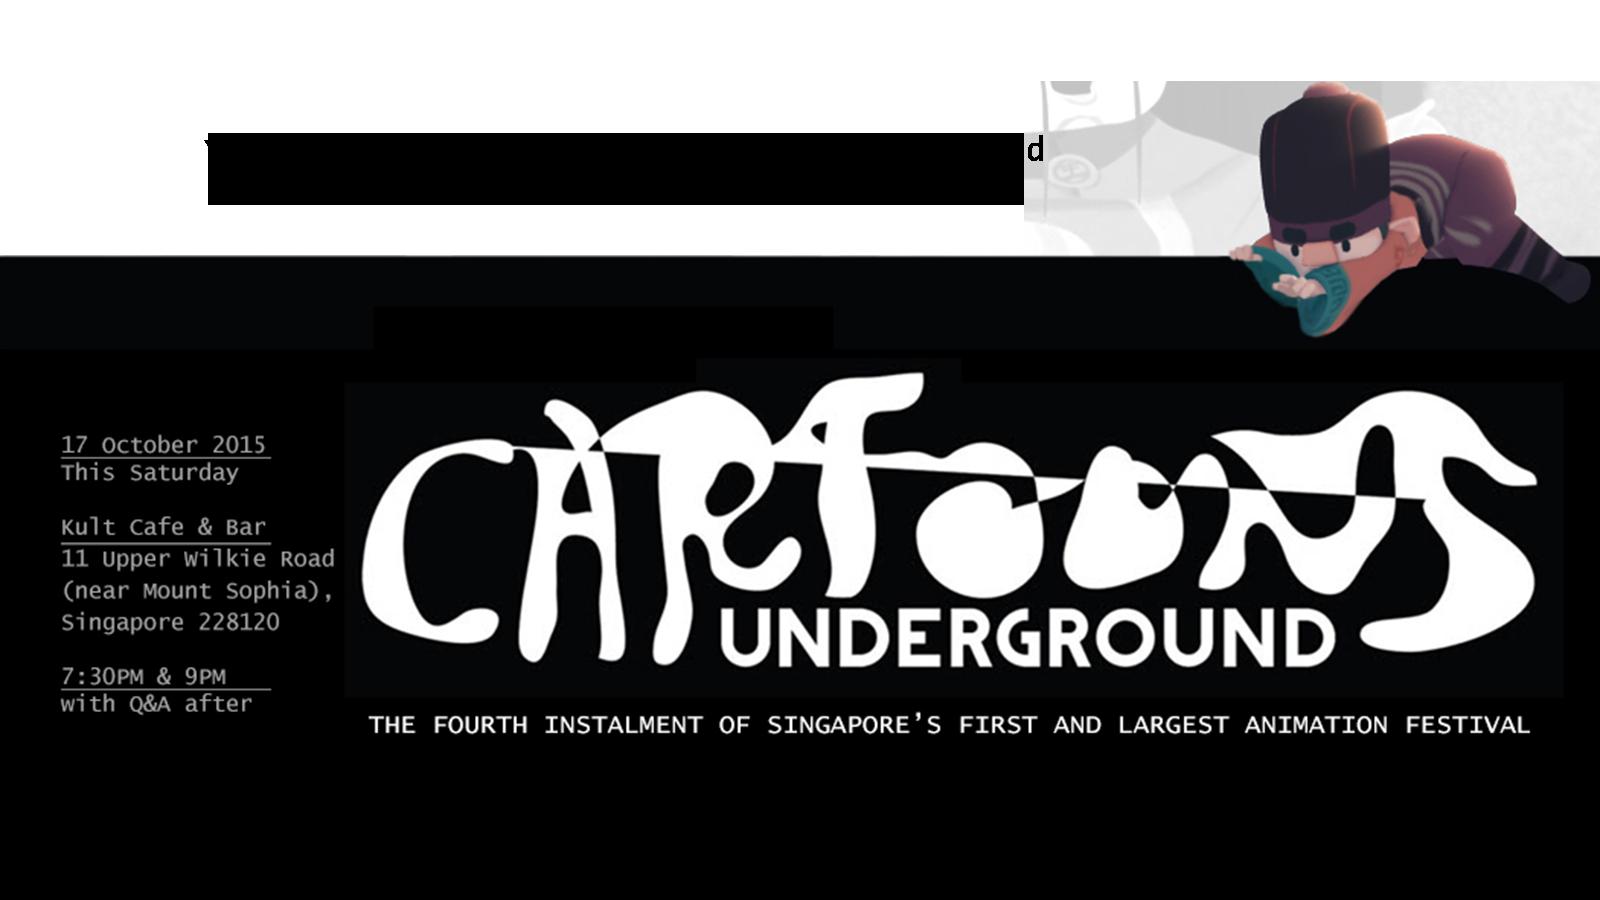 Cartoons Underground Banner Crop